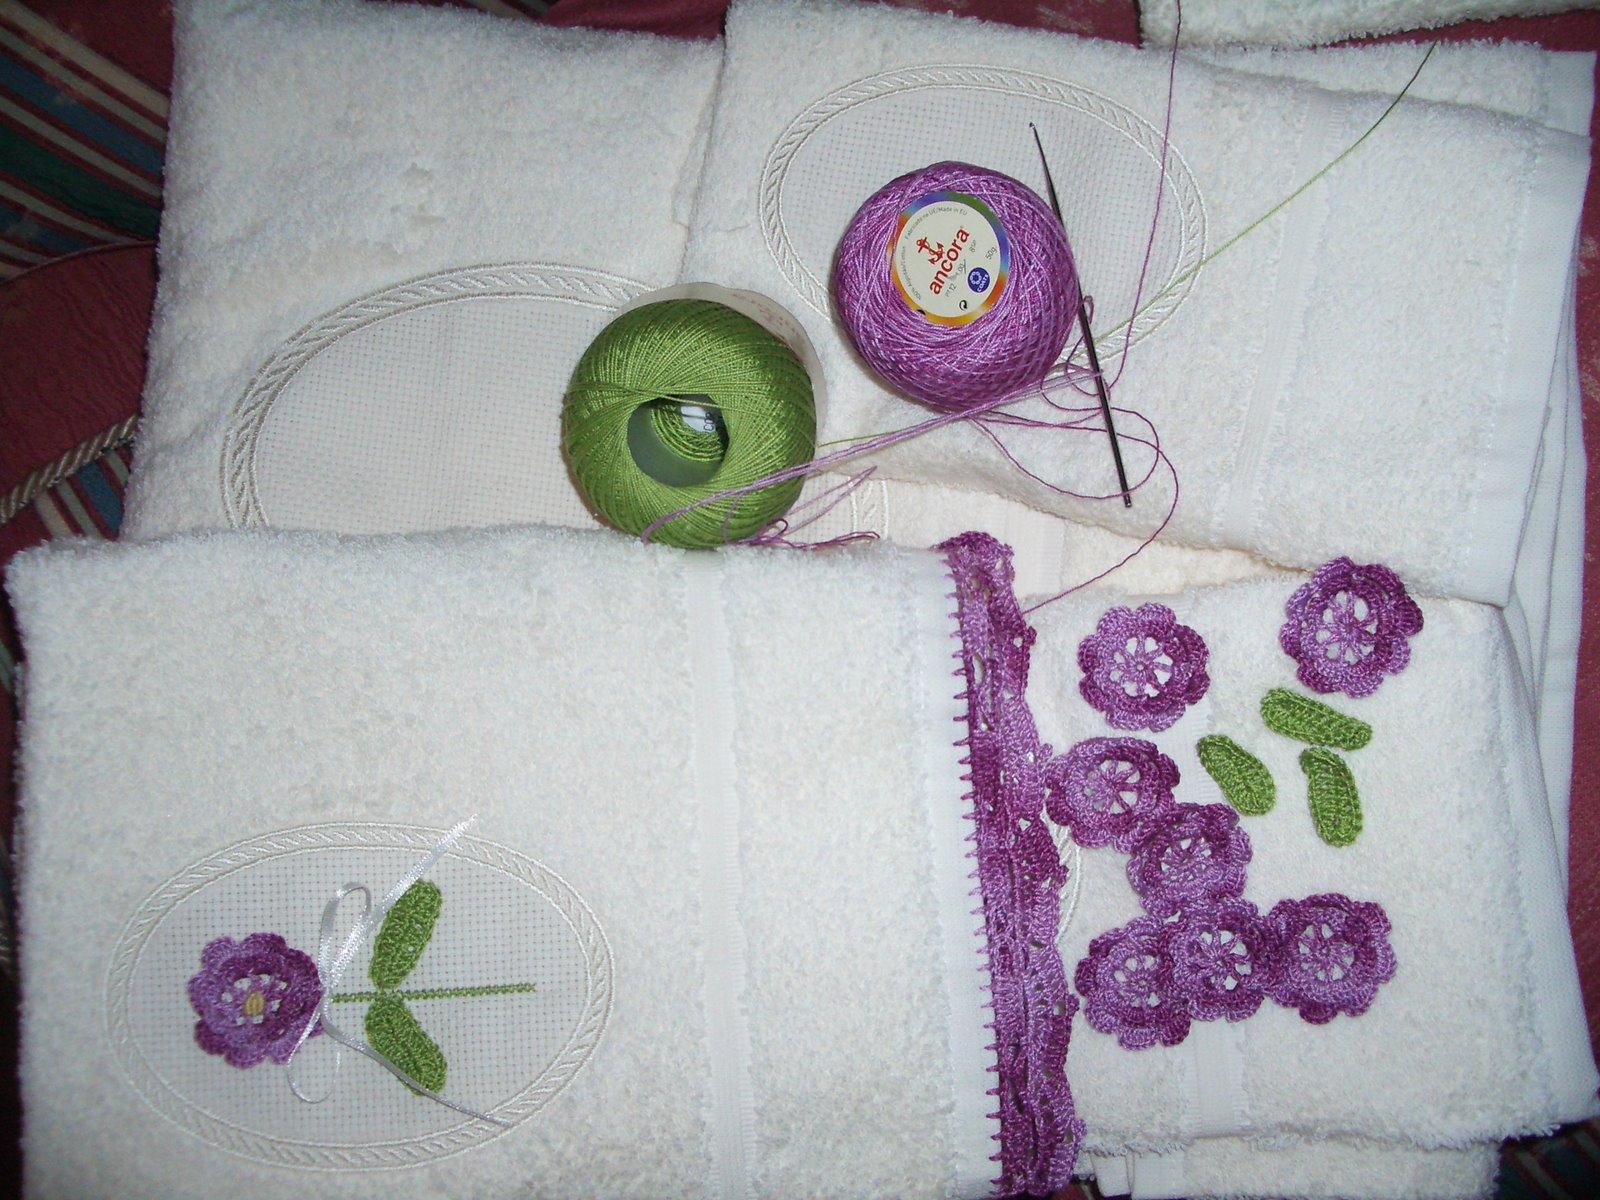 Servilletas bordadas y aplicacion en ganchillo o crochet - Aplicaciones en crochet ...